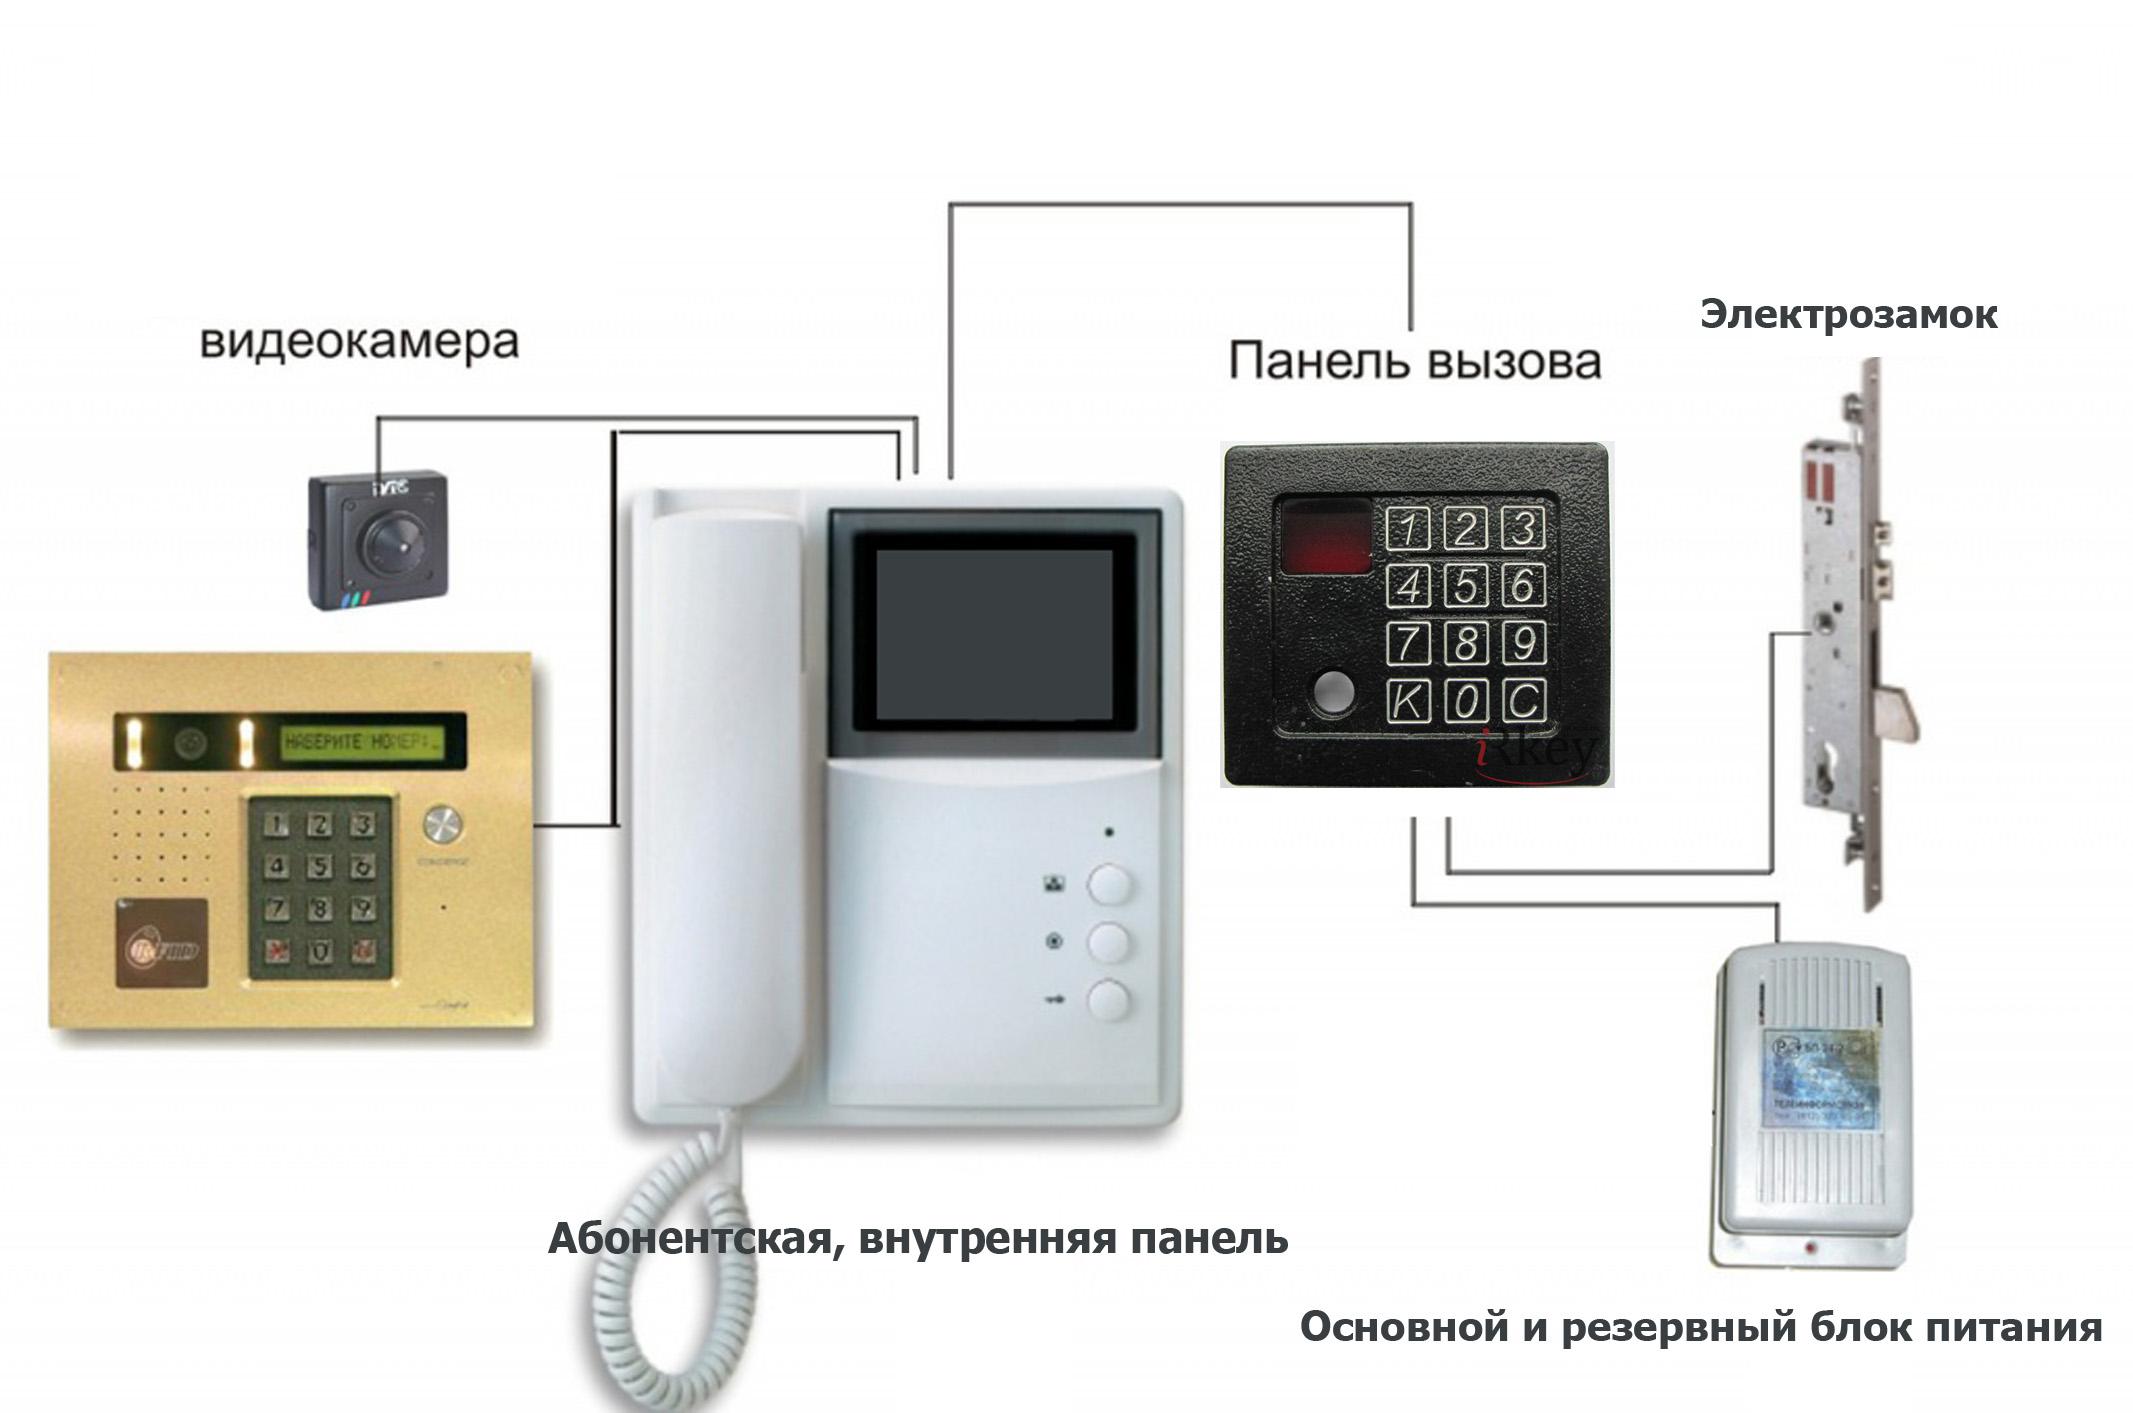 Конструкция - элементы домофонного оборудования